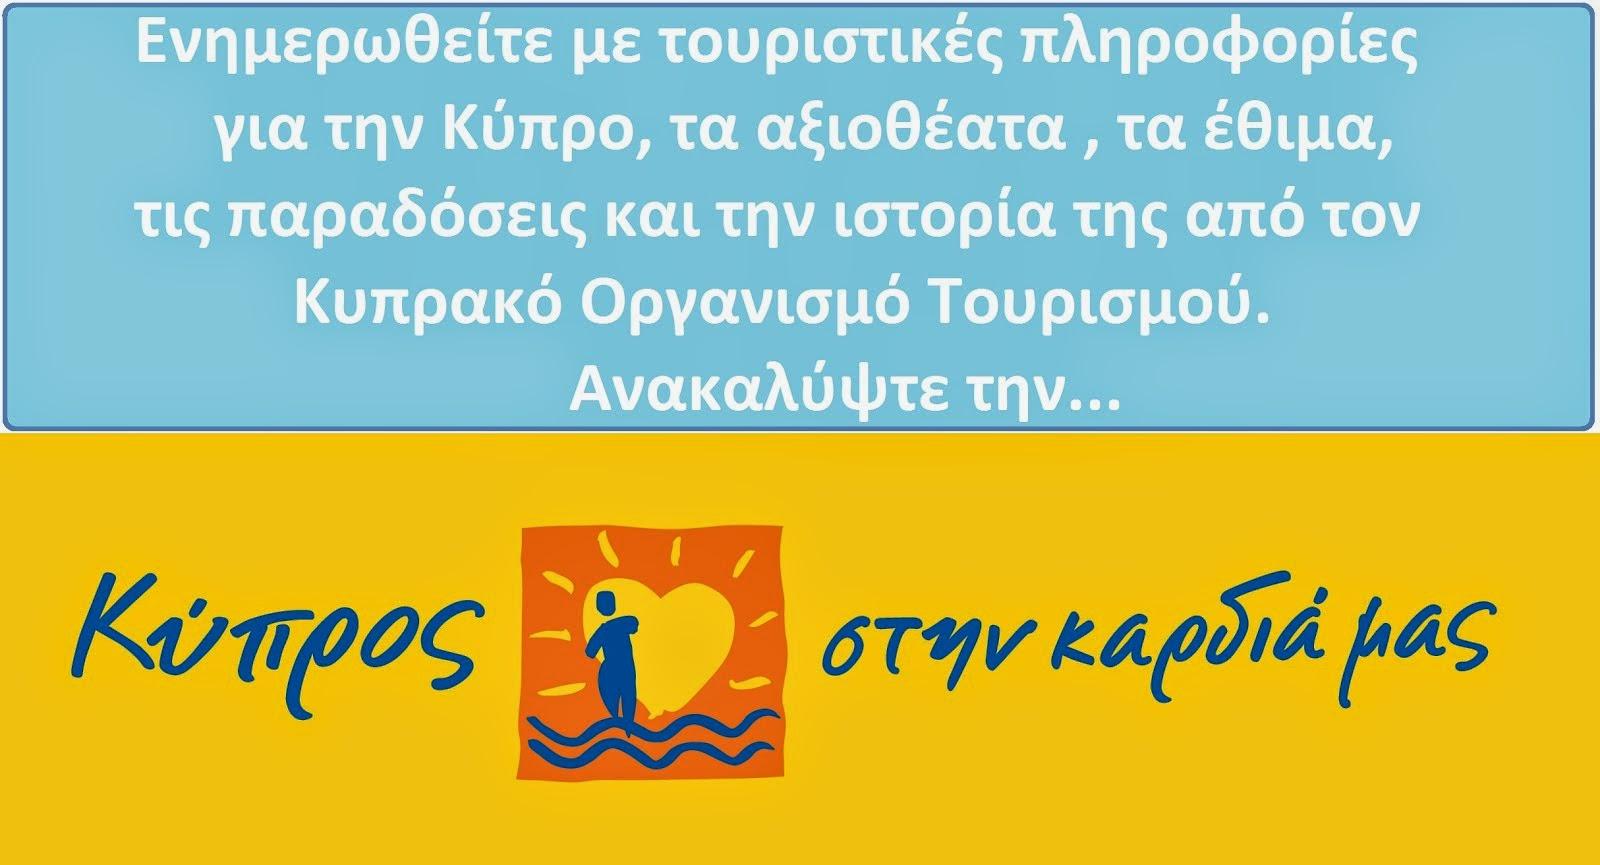 Πληροφορίες για την Κύπρο